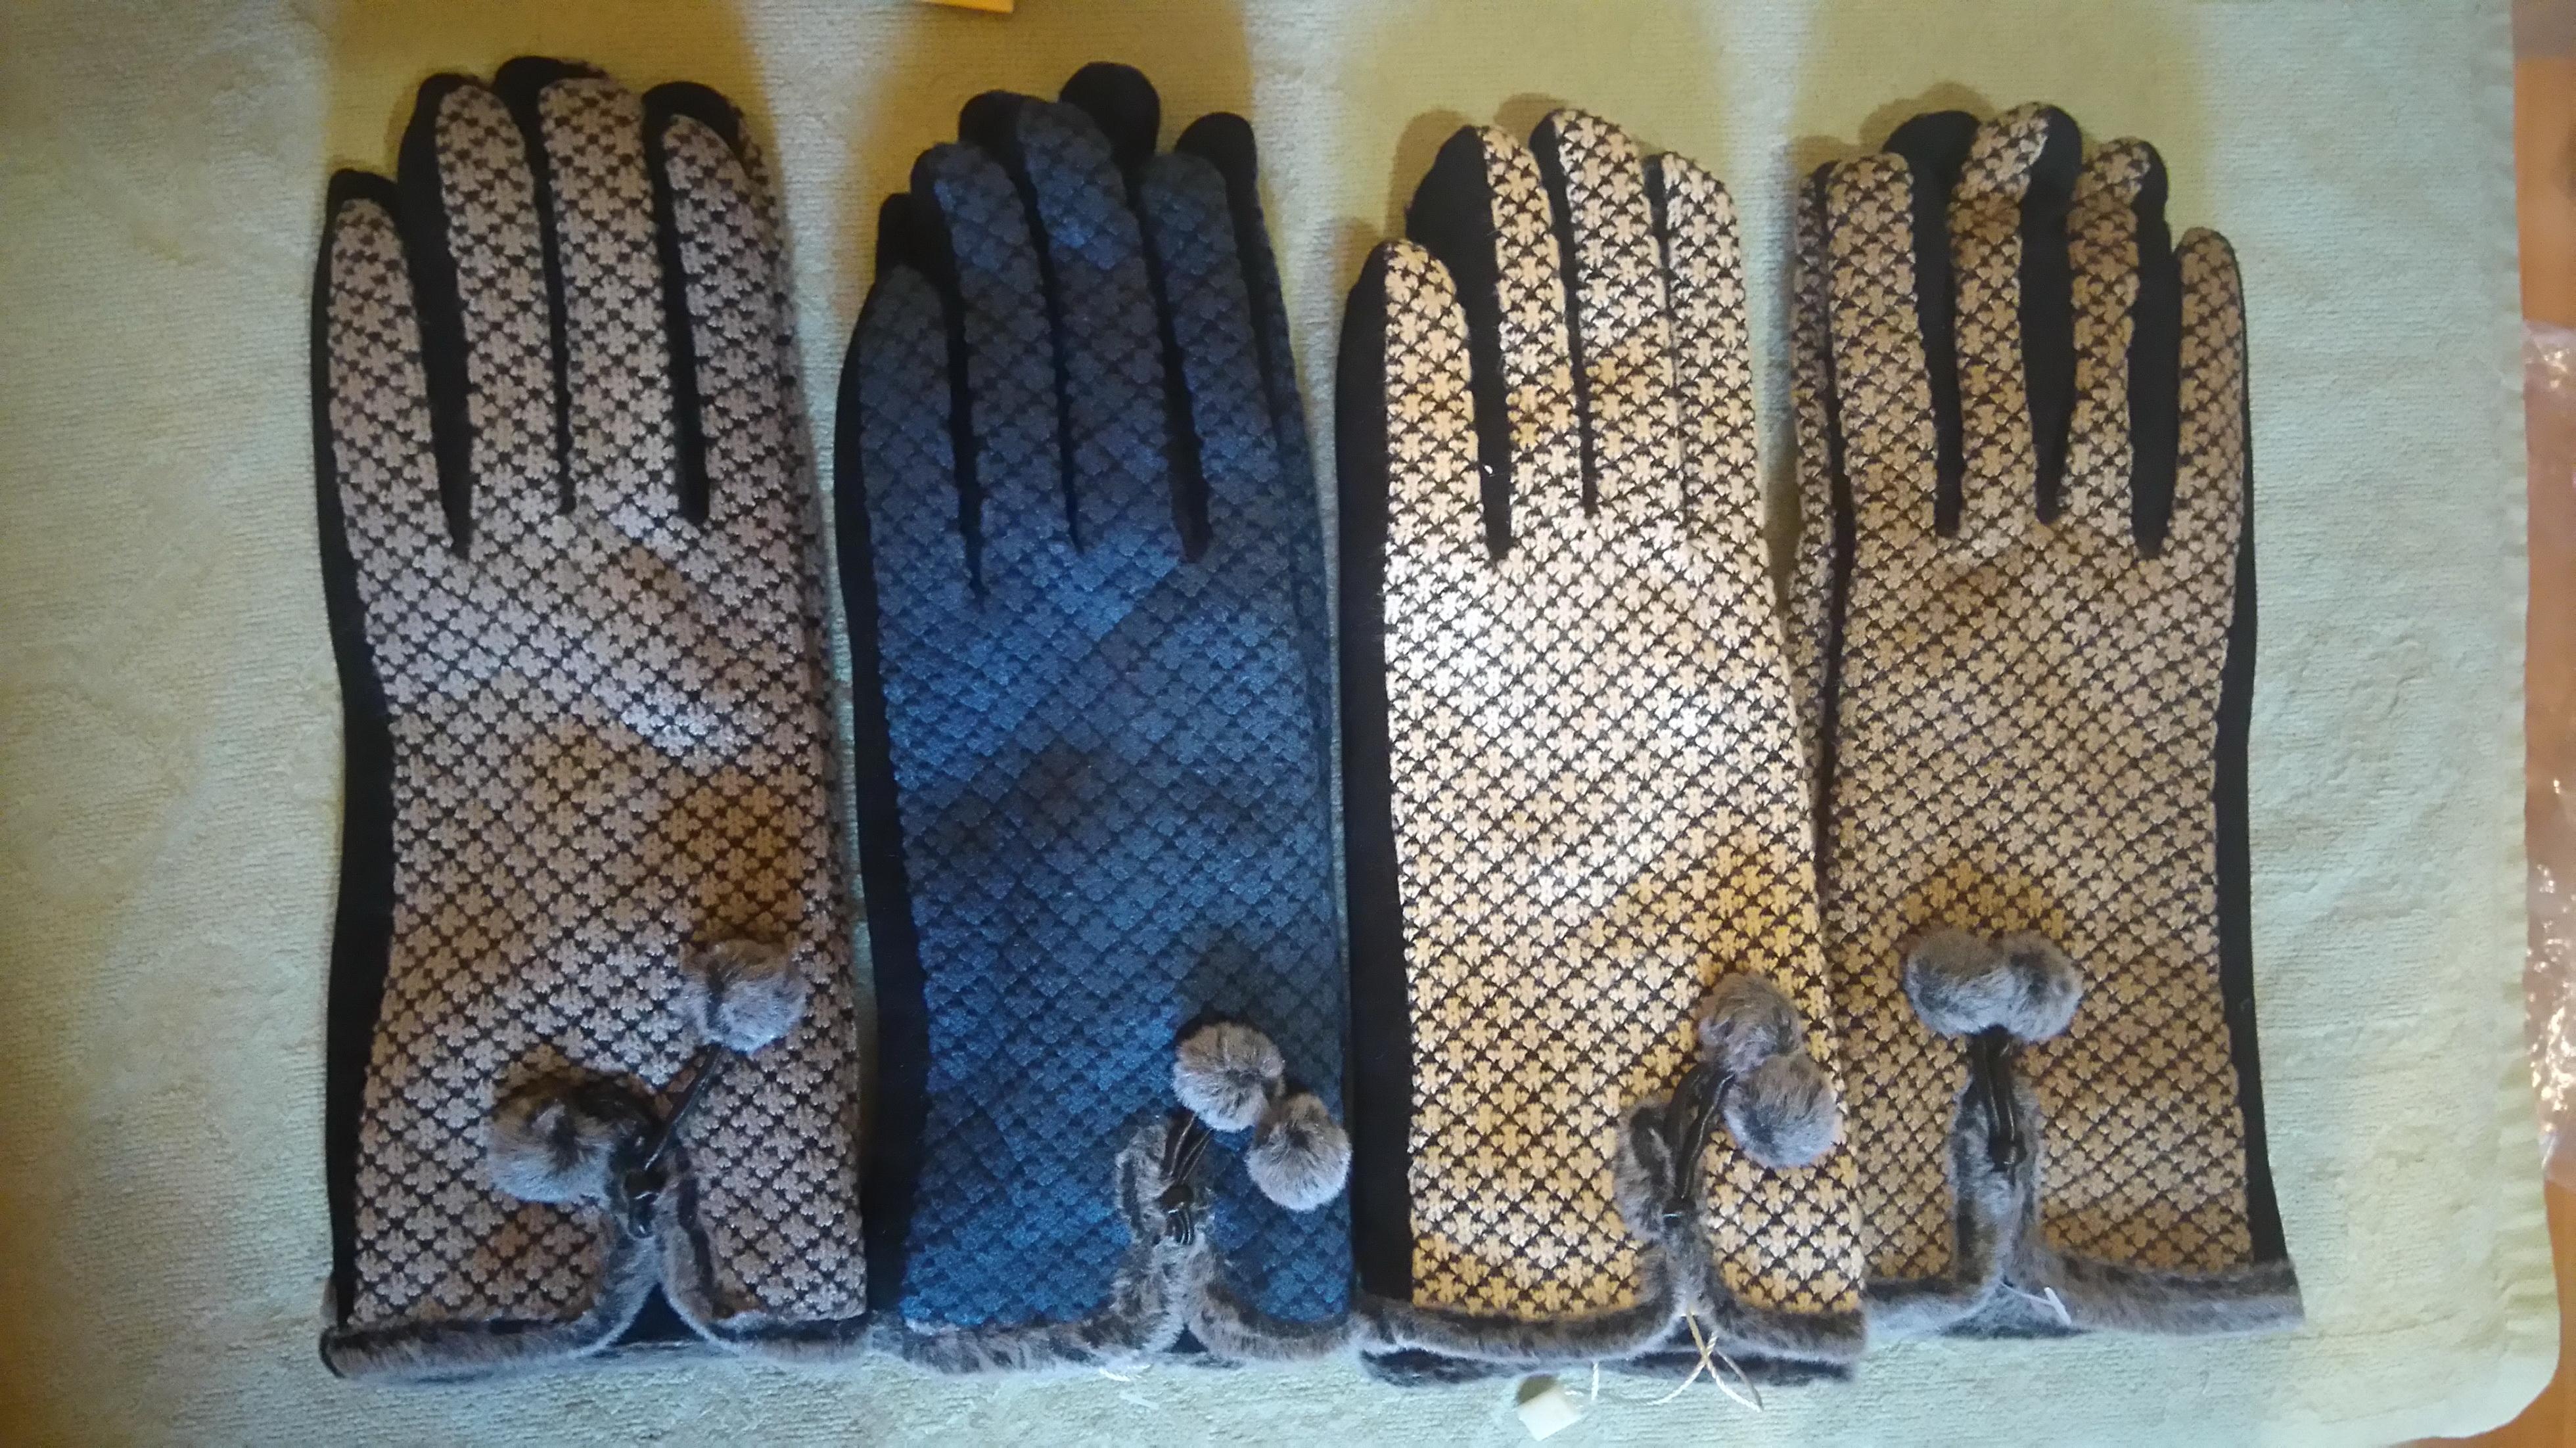 Все в наличии-3! К Новому Году! 0т 27руб! Детские перчатки и варежки. Зимний взрослый трикотаж: двойные варежки, двойные перчатки, перчатки-митенки. Прессовка на кролике, длинные, комбинированные. Все размеры! Многооо! Раздача 20. 11.